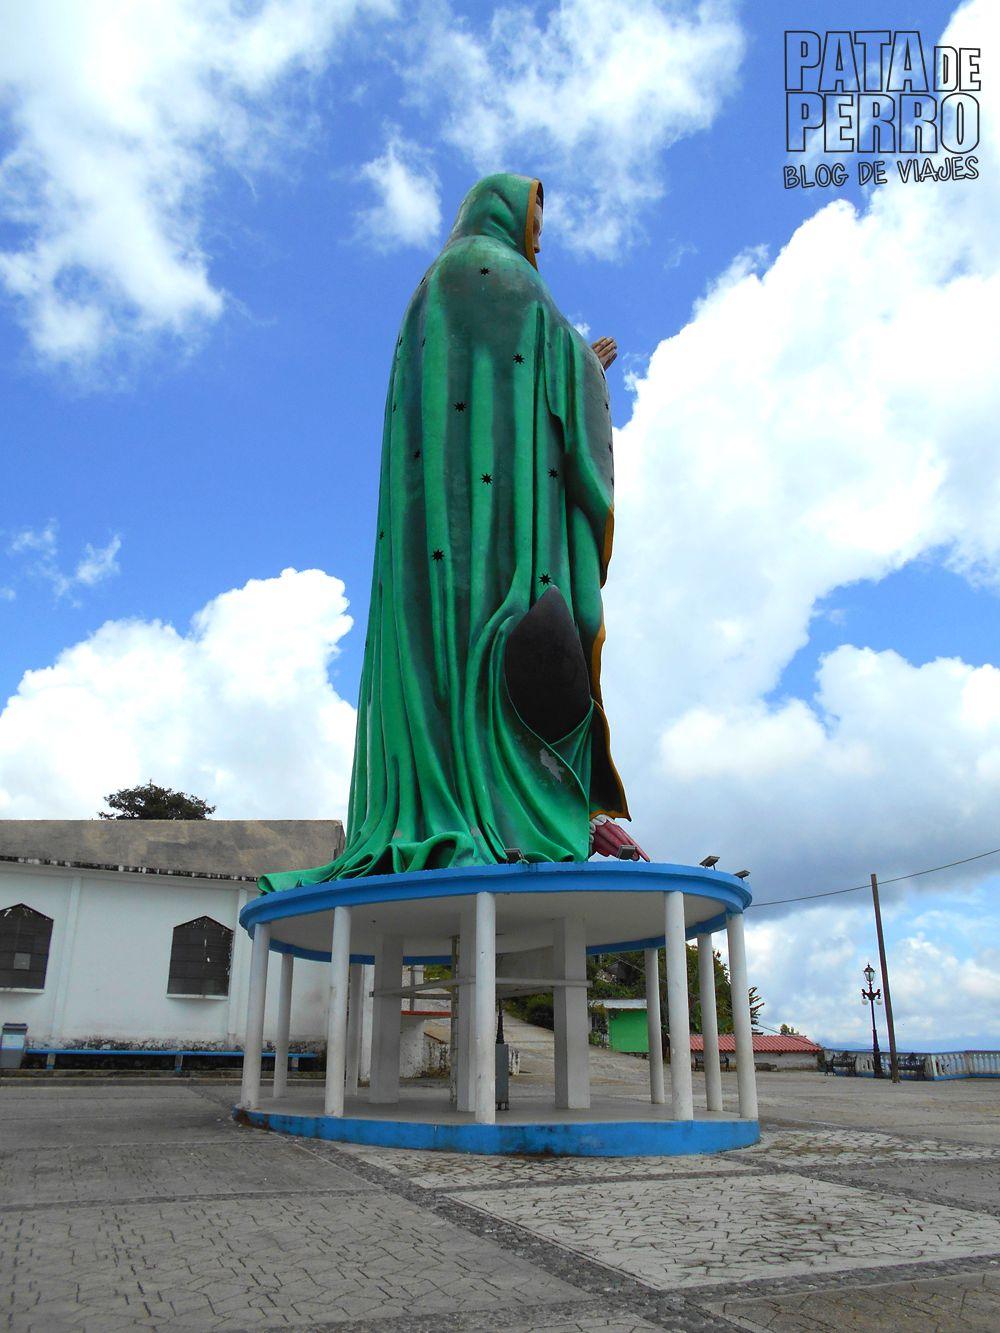 xicotepec puebla con isi virgen gigante mexico pata de perro blog de viajes19